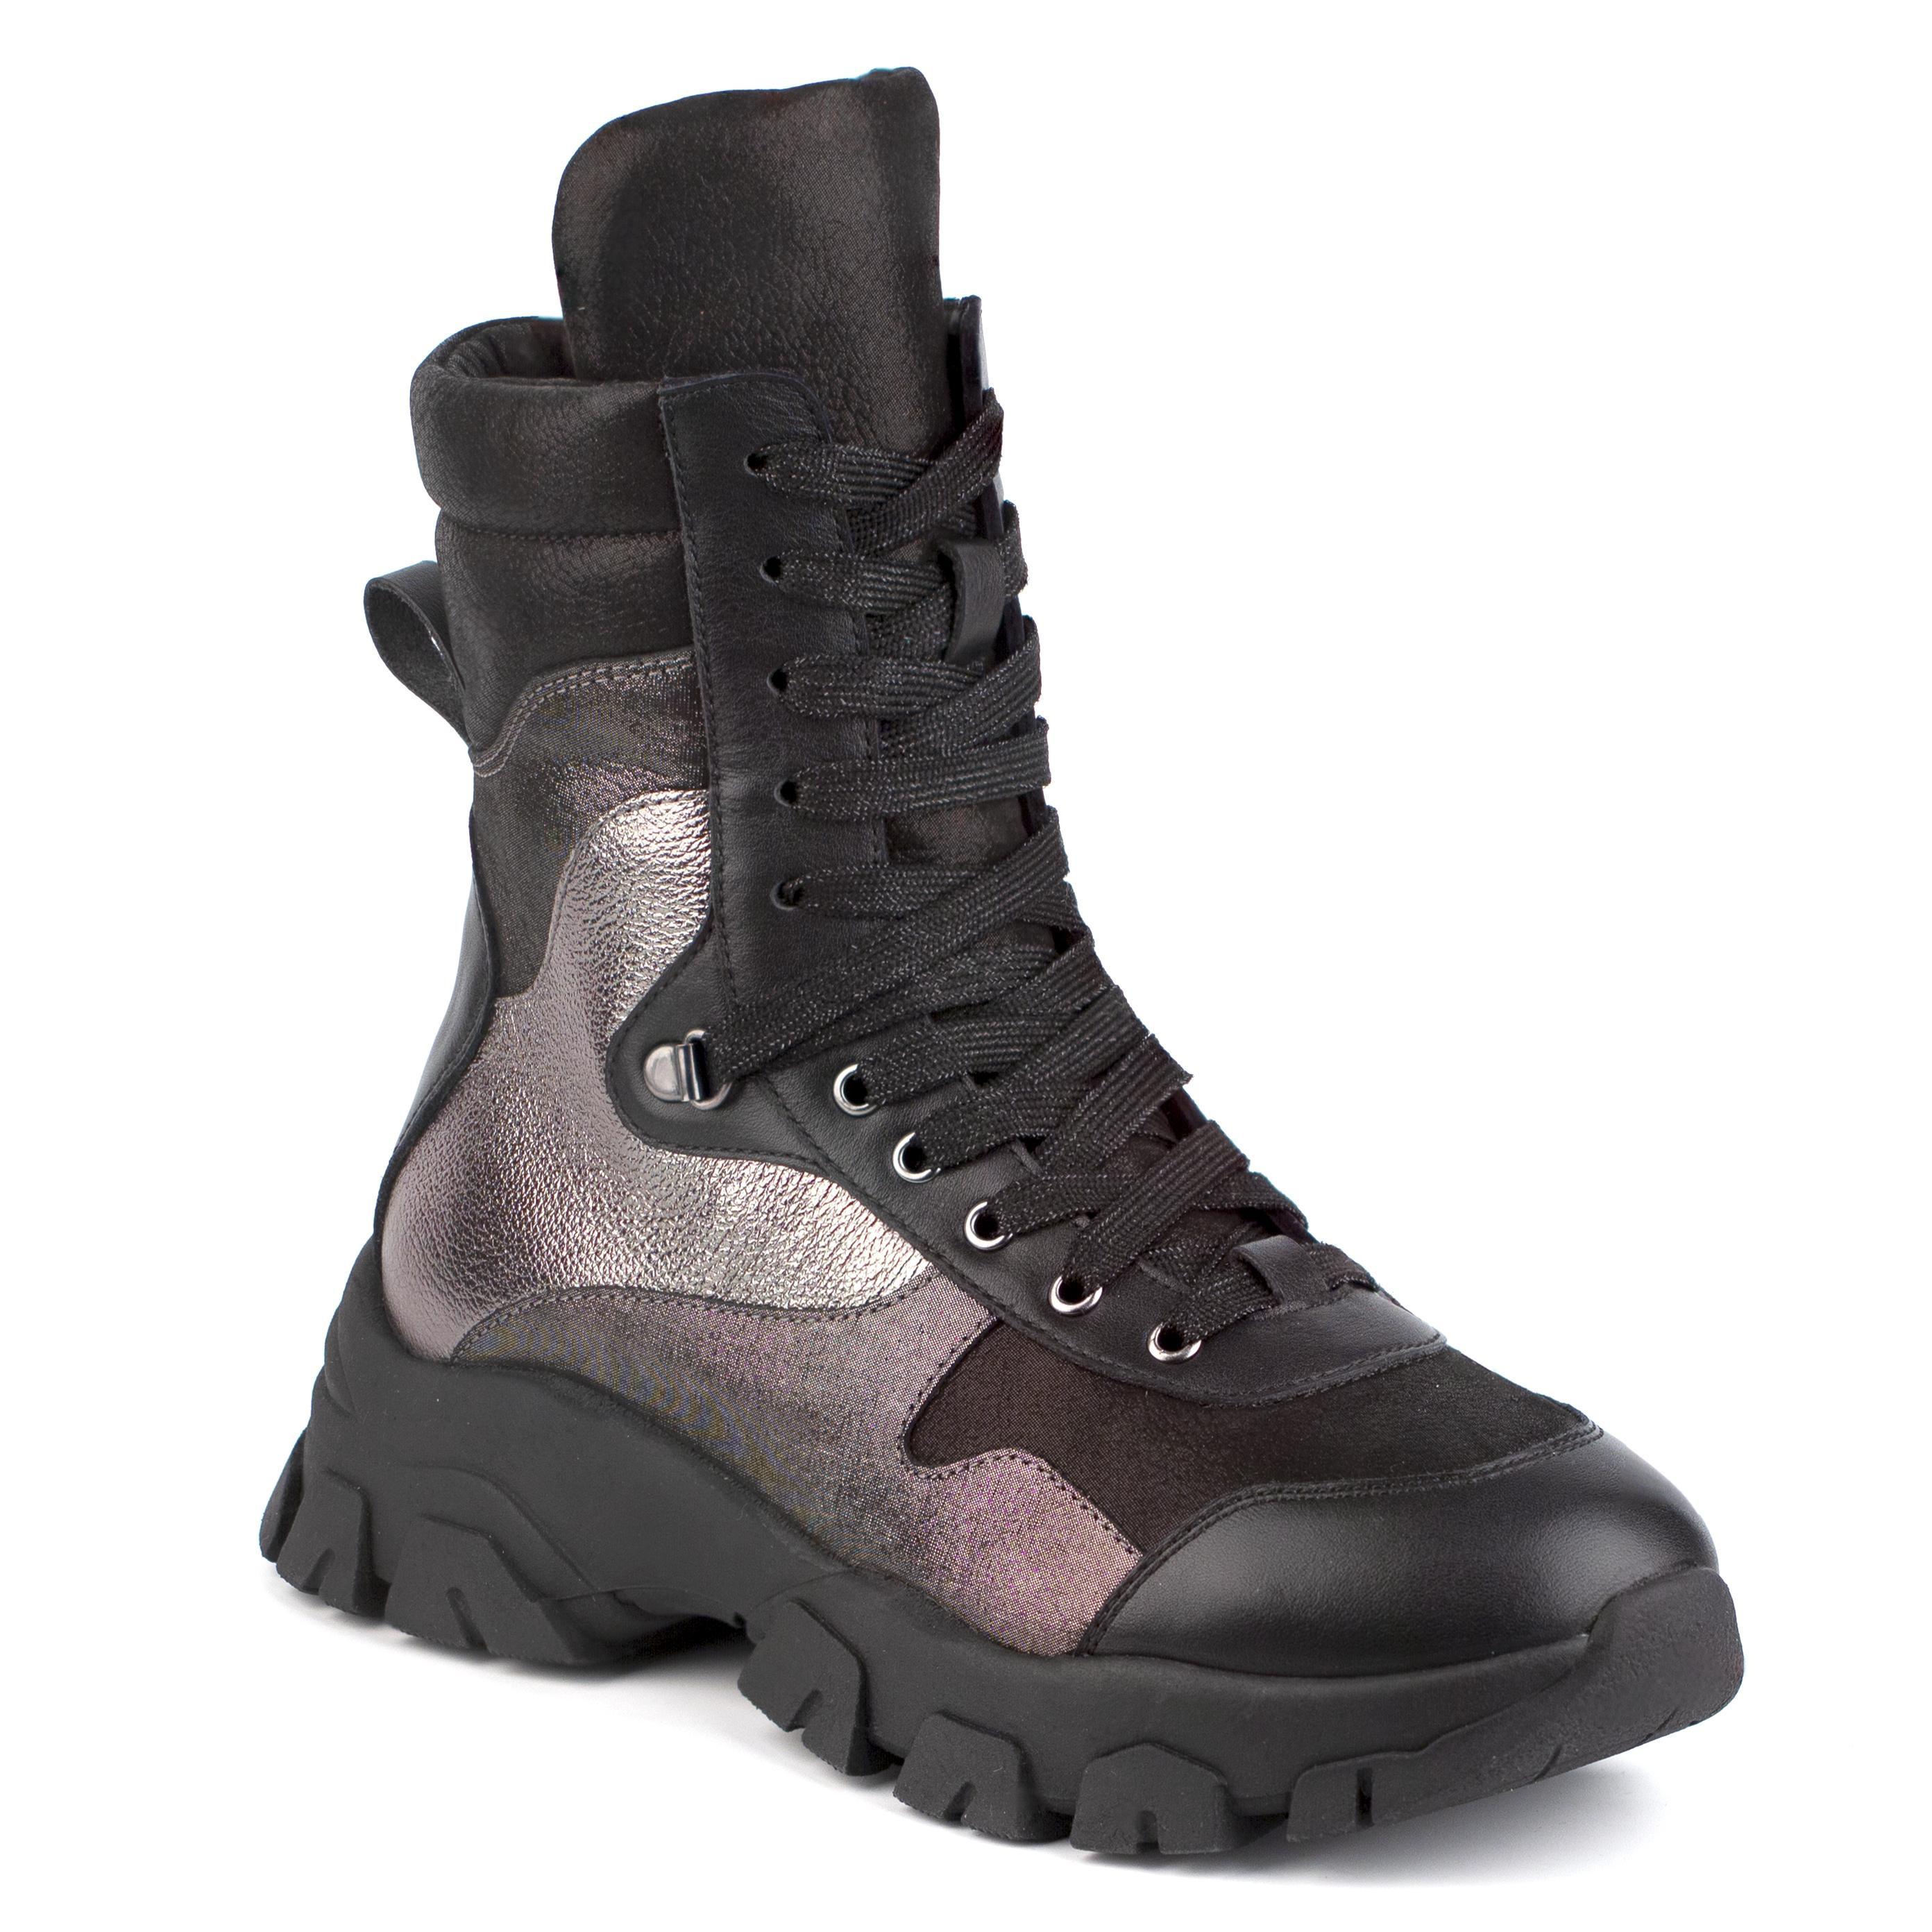 Shagovita Ботинки для девочки черно-серебристый 20СМФ 35-37 Девочка  65220ш черно-серебристый  (поступление 02.10.2020г.) цена 4400руб.